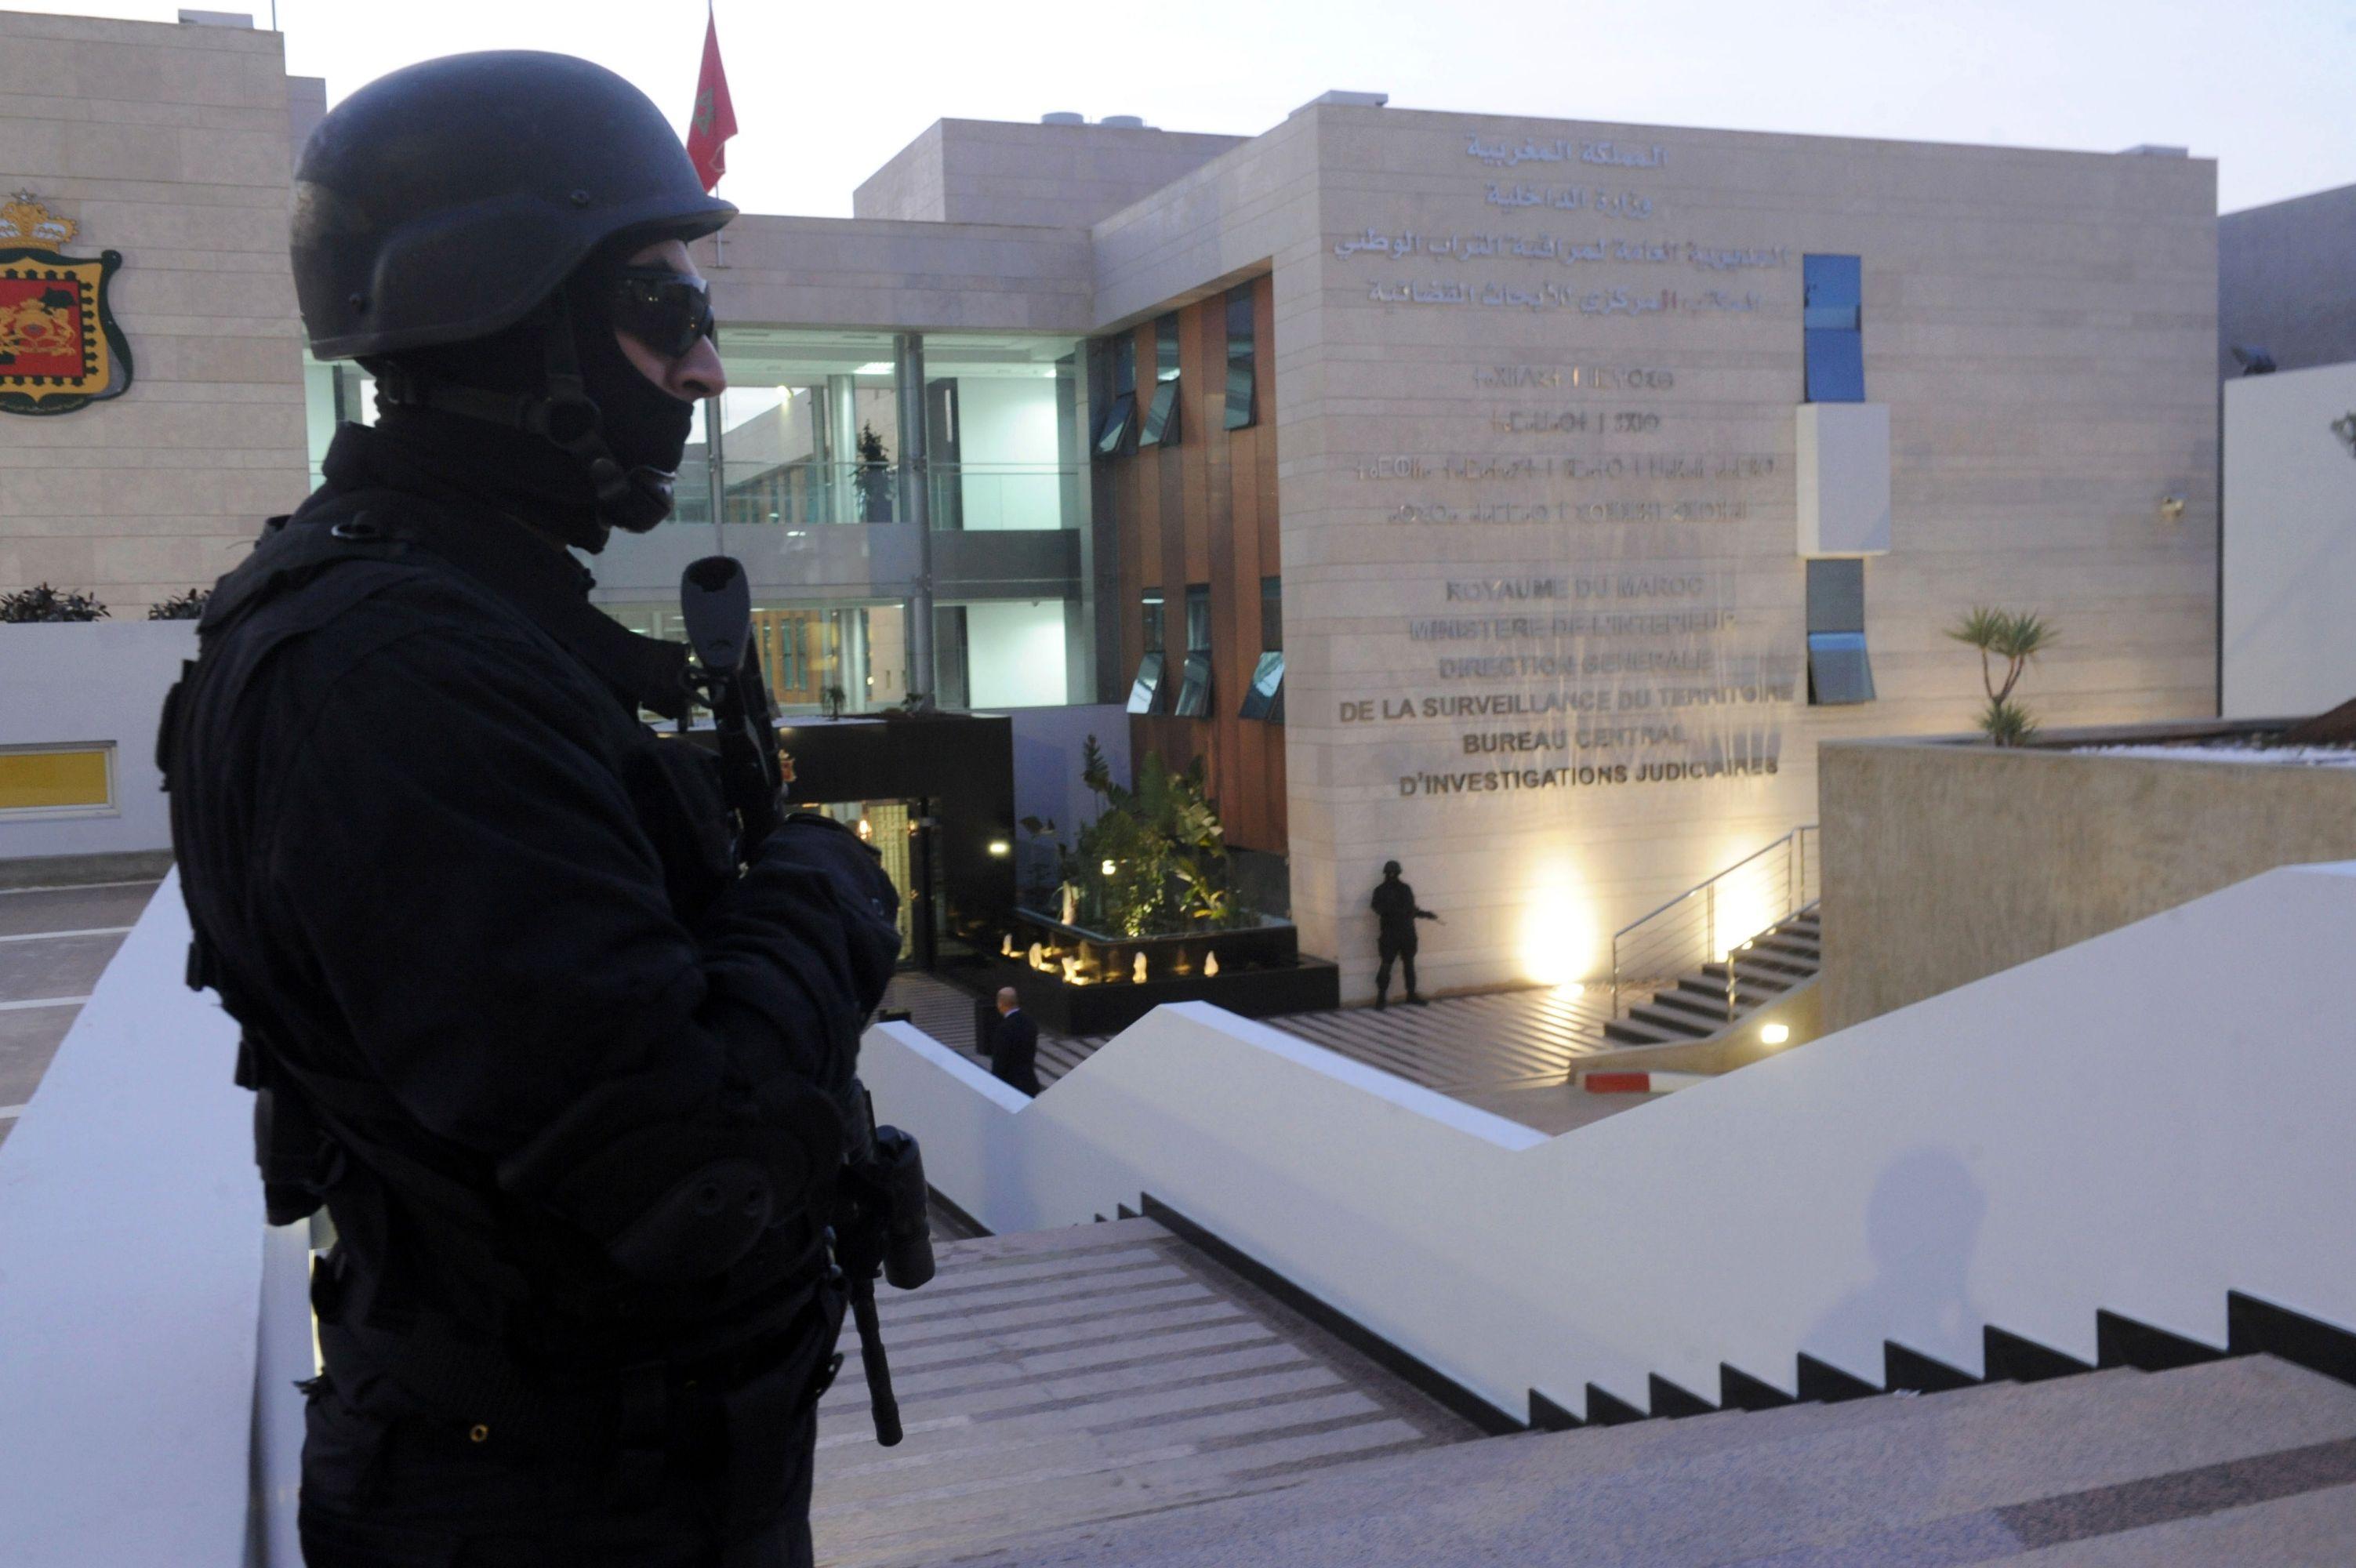 المكتب المركزي للأبحاث القضائية يوقف ستة أصوليين بفاس على صلة بخلية إرهابية